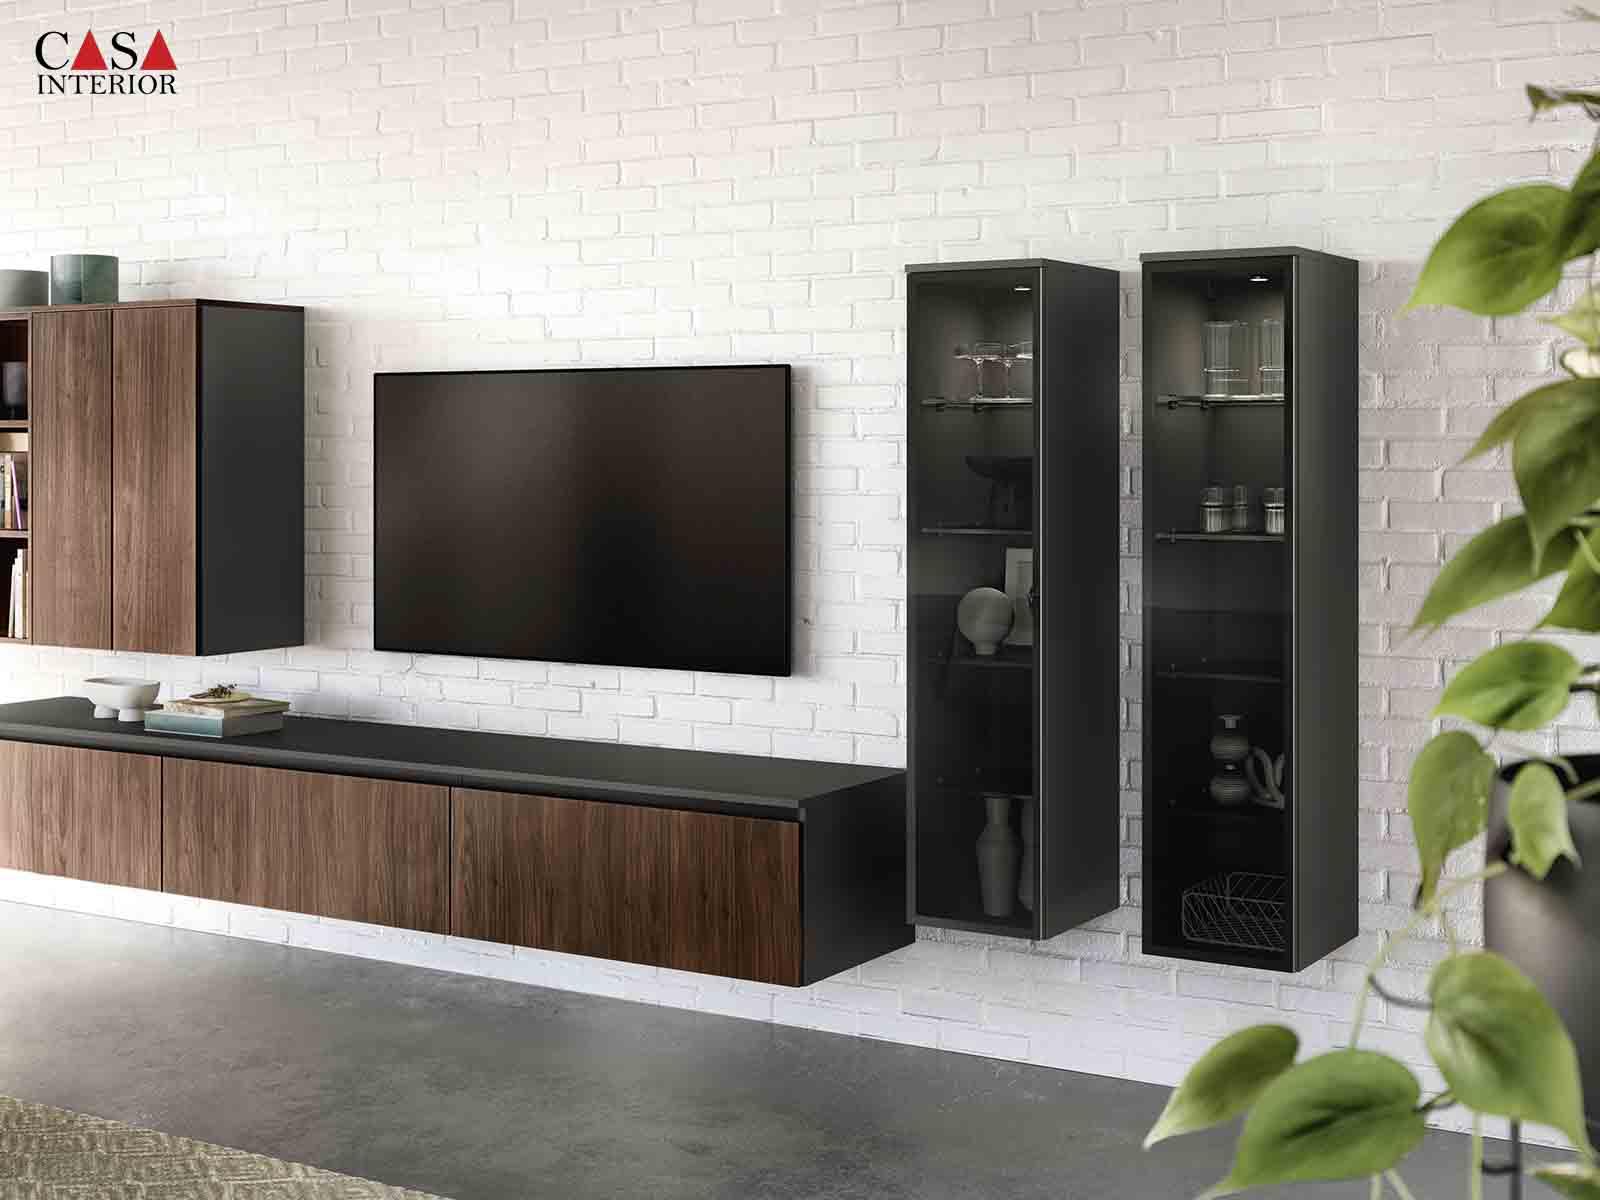 Küchentime Riva 840 Line N - Livingroom